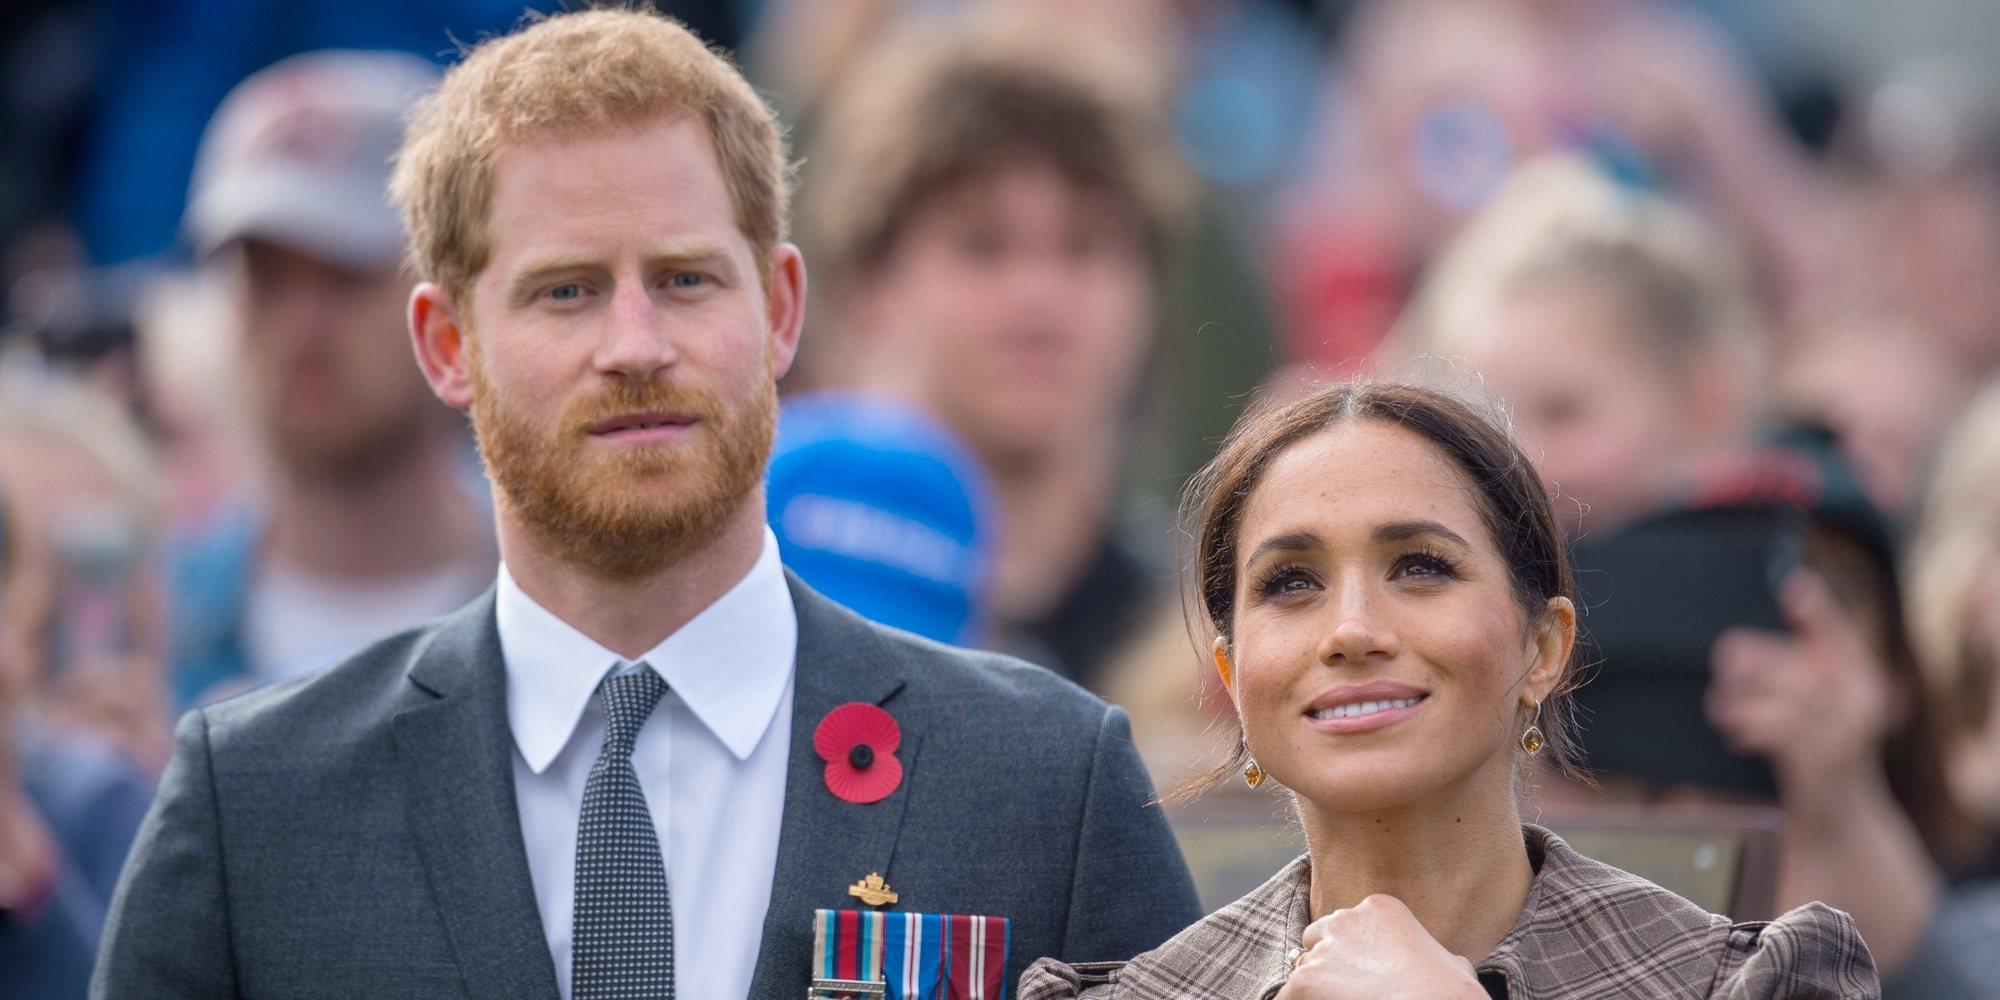 Thomas Markle Jr invita al Príncipe Harry y Meghan Markle a su boda con Darlene Blount para que haya reconciliación familiar